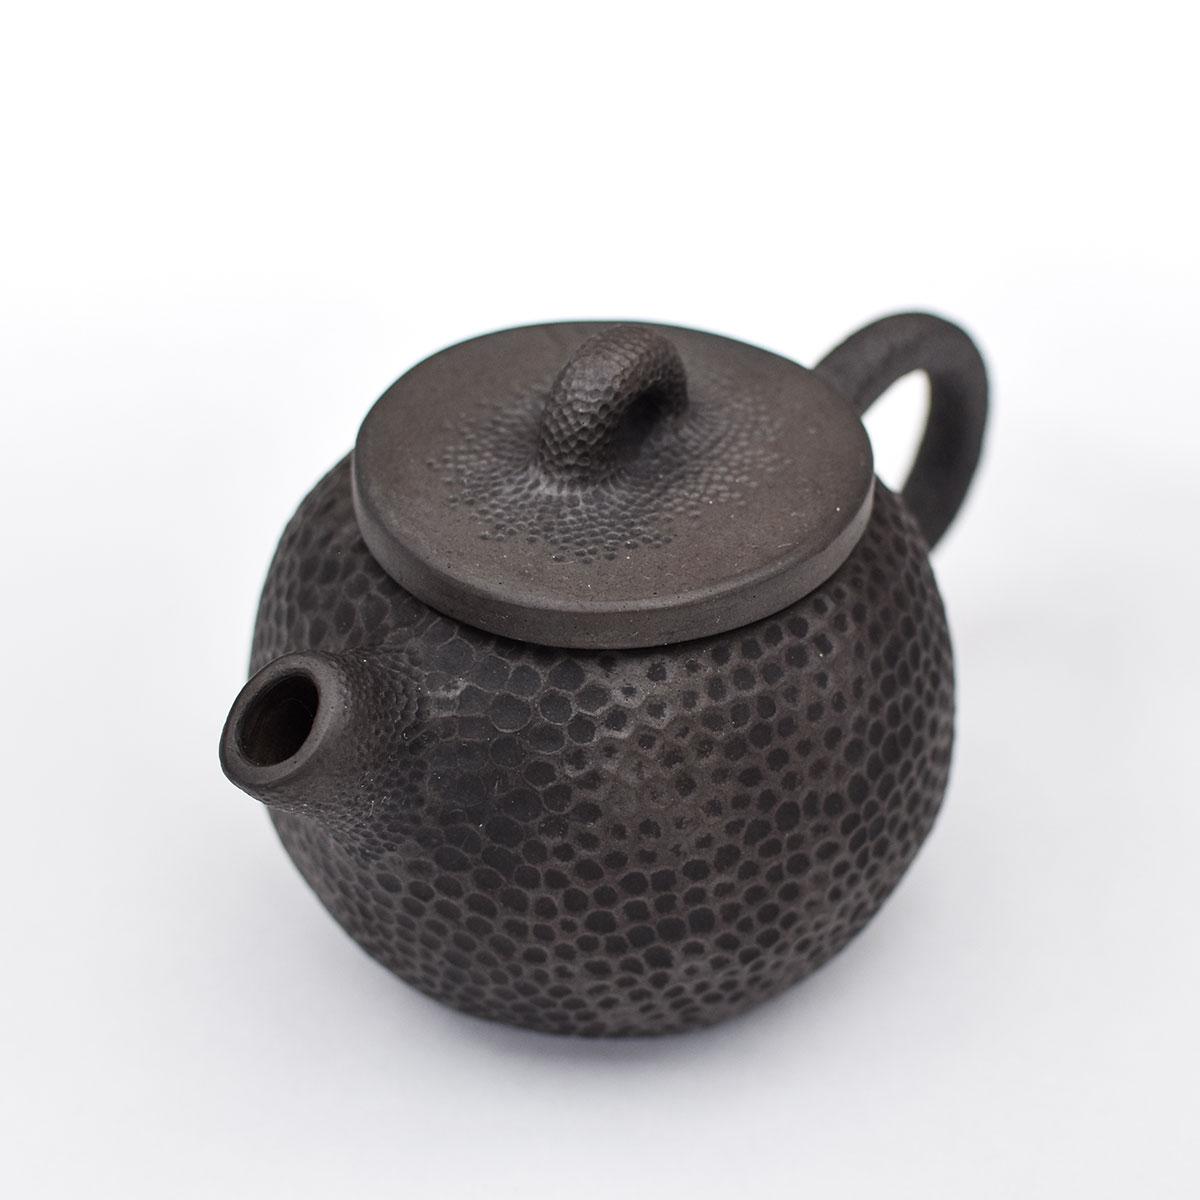 """картинка Маленький керамический чайник """"Чайная церемония"""" - DishWishes.Ru"""